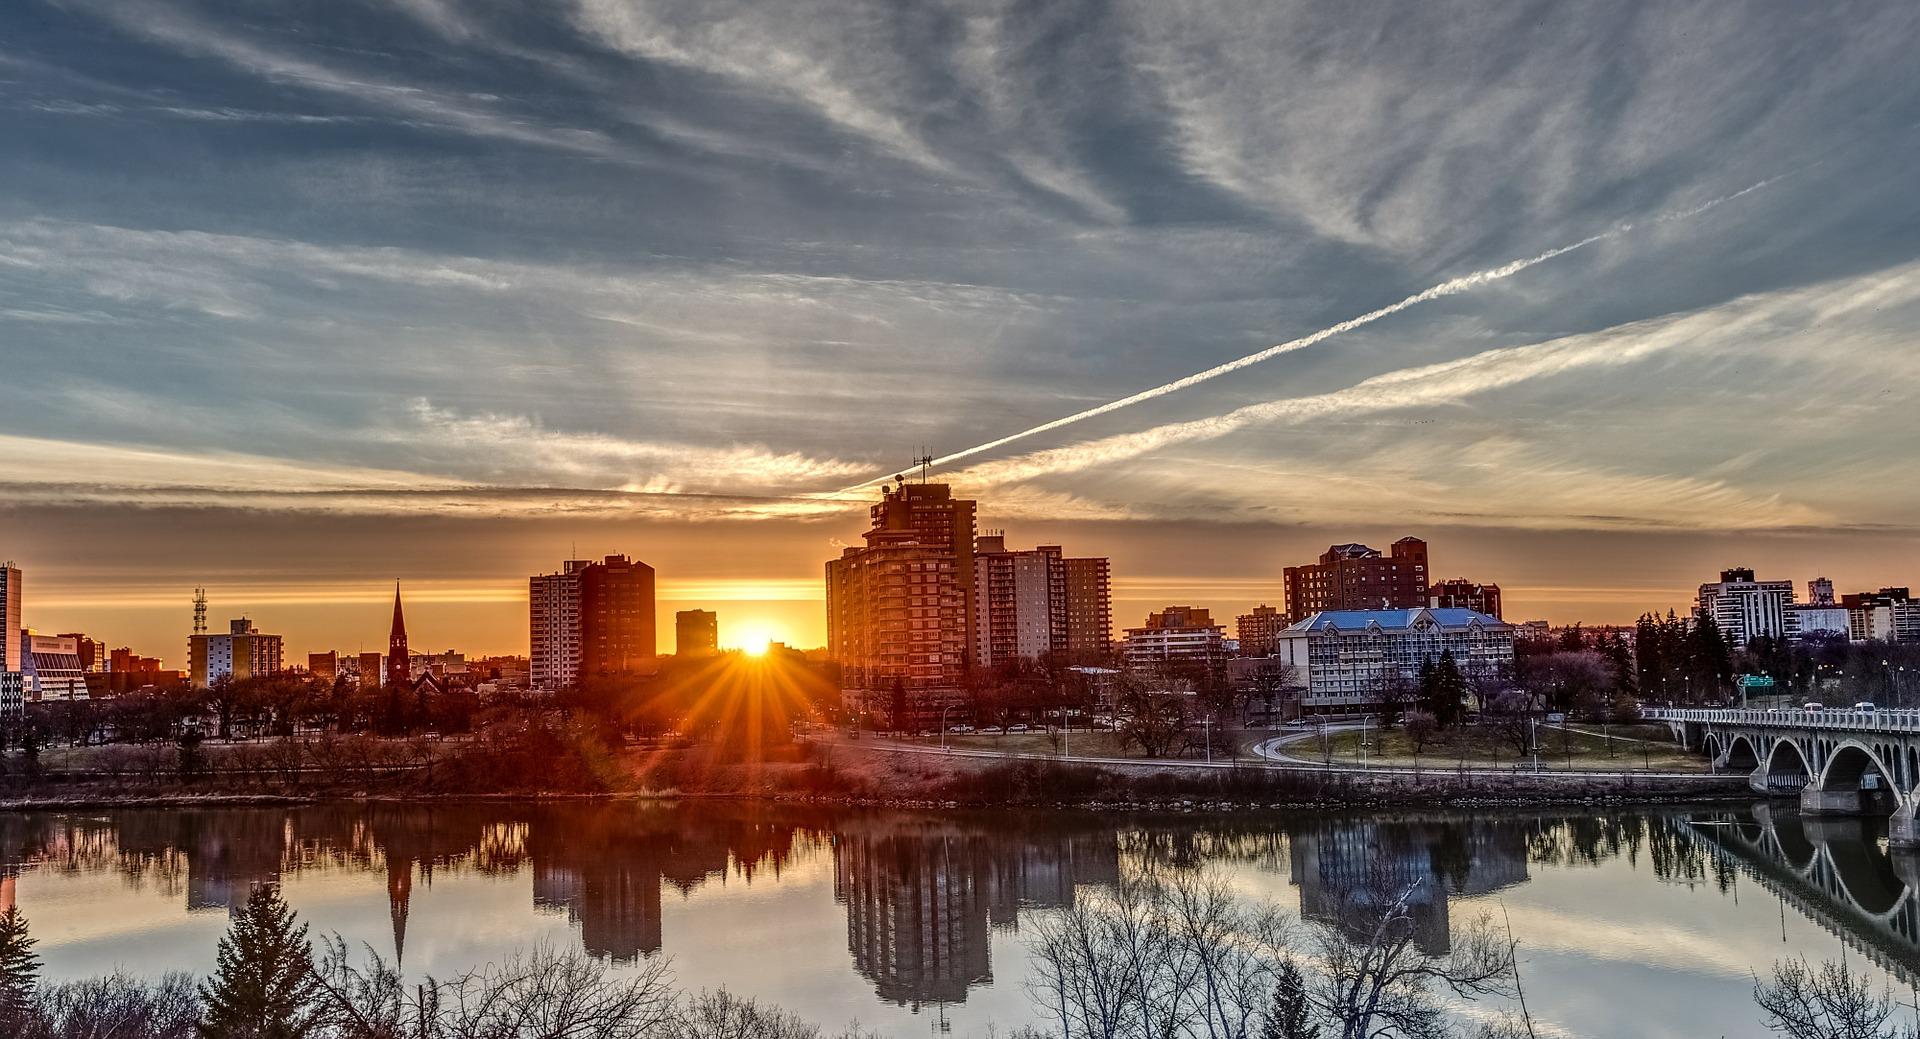 City of Saskatoon at sunset. River view